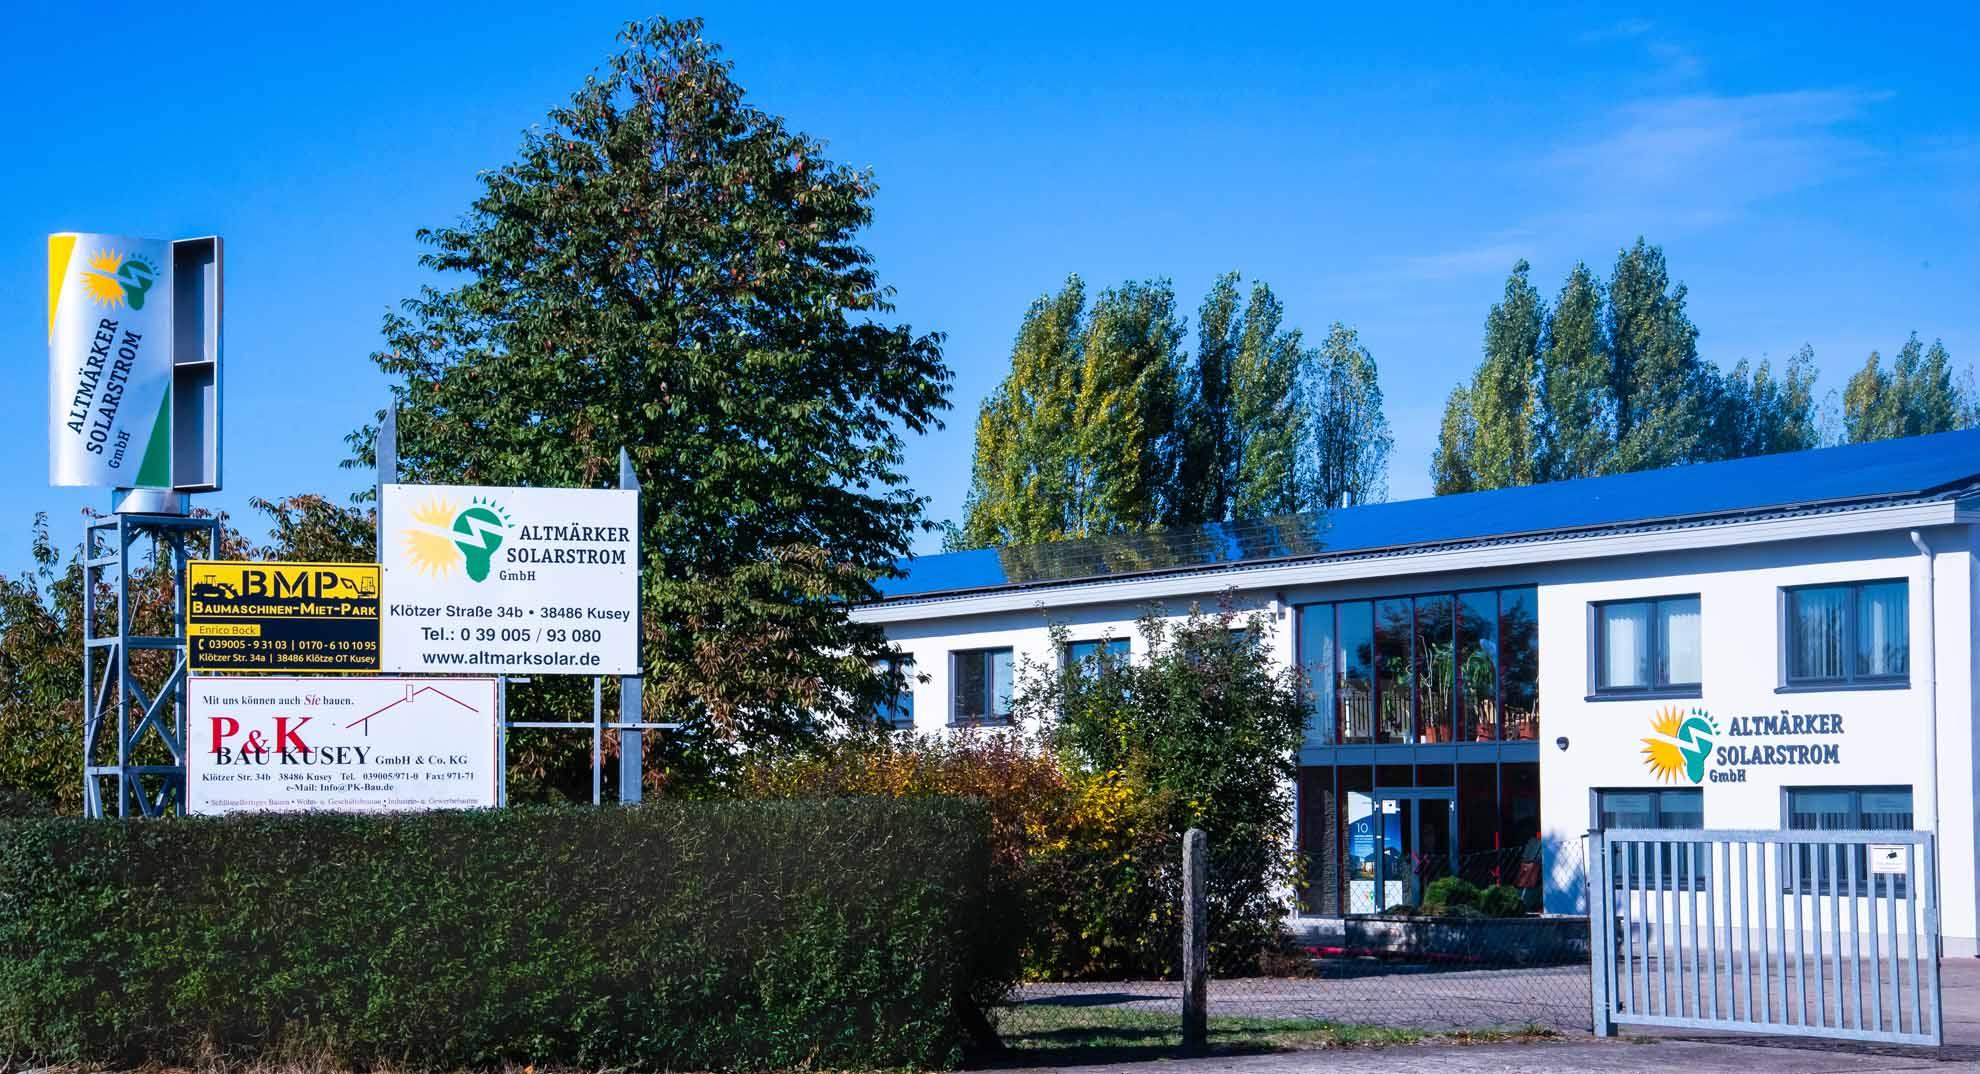 Altmärker Solarstrom GmbH Firmensitz